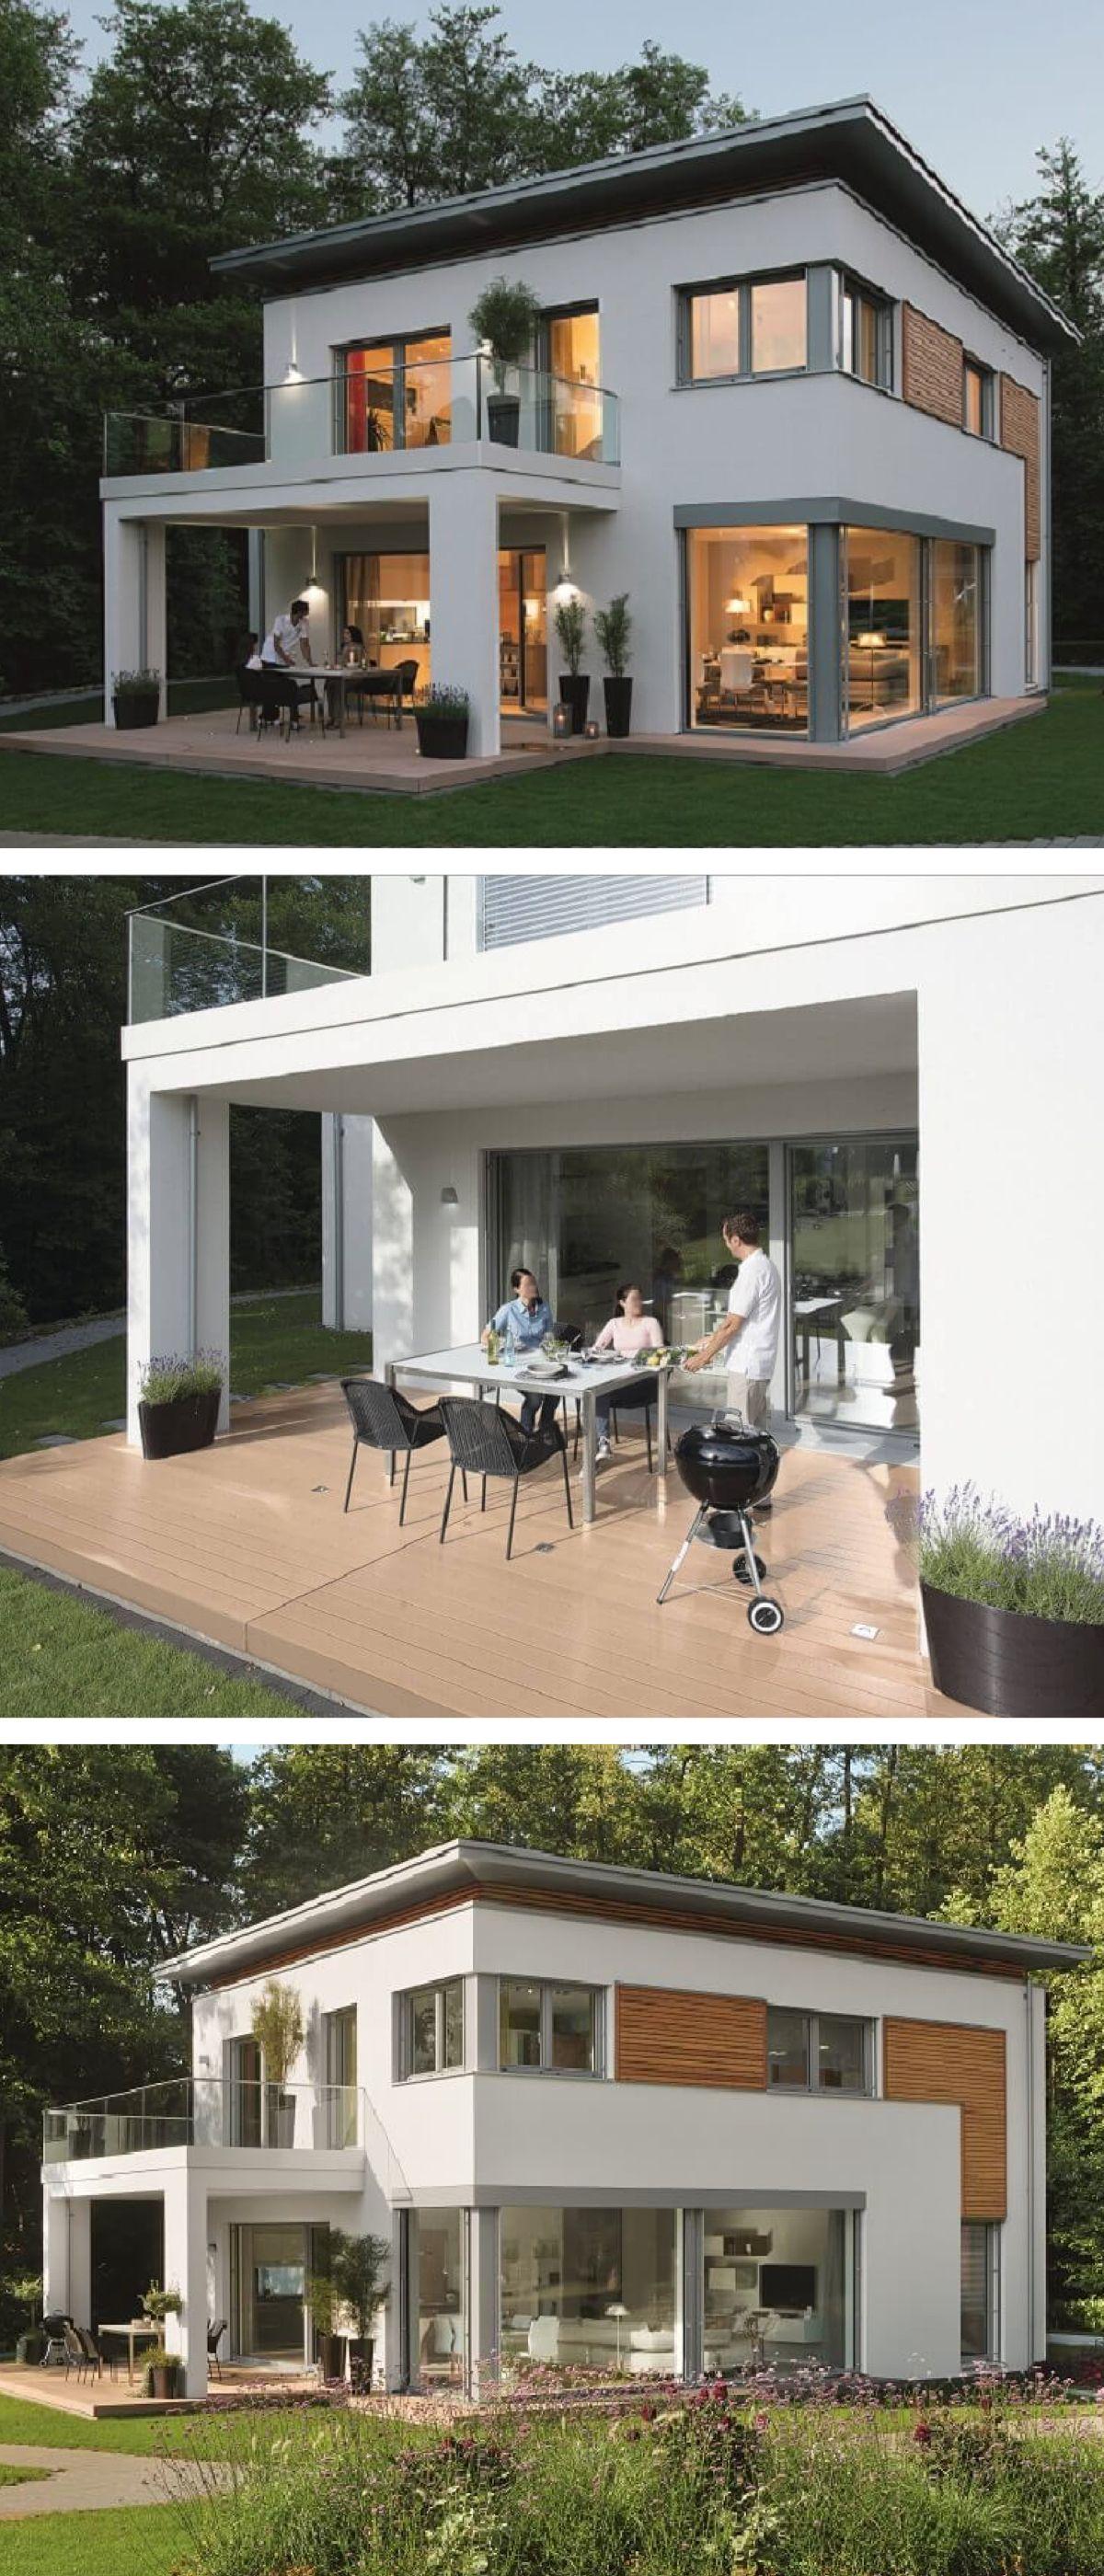 Einfamilienhaus Modern Mit Flachdach Architektur Pergola